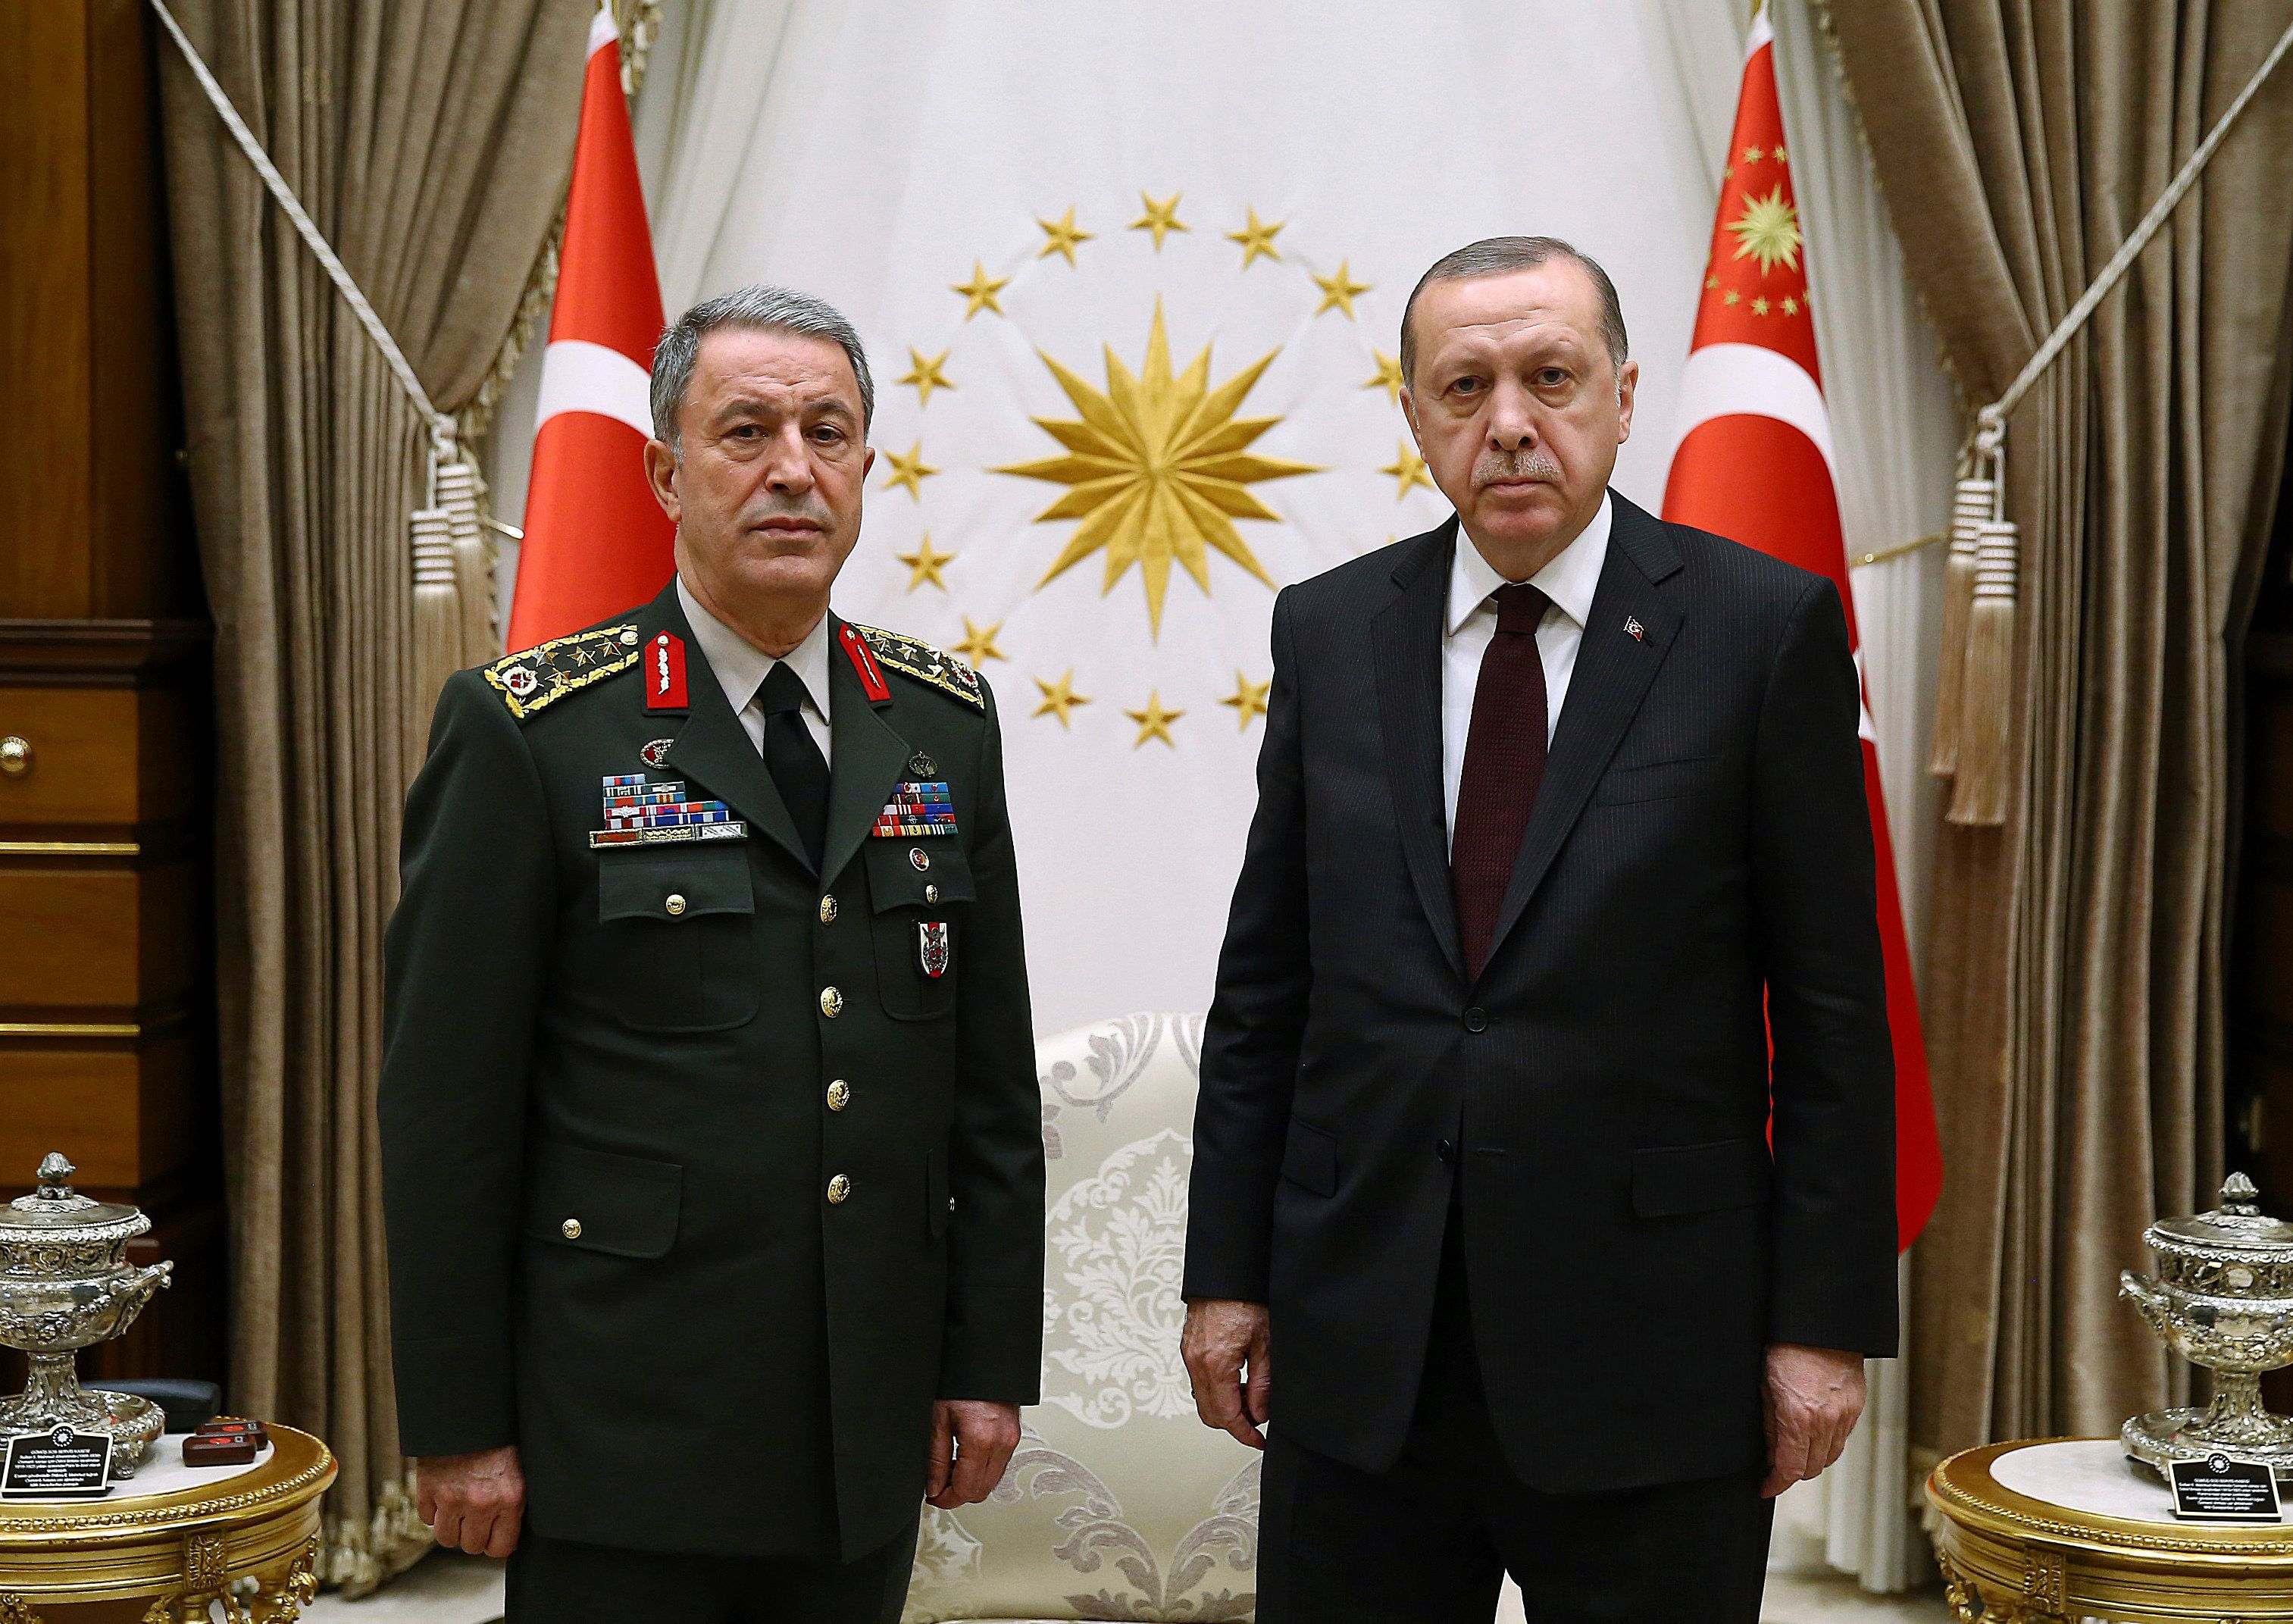 Απειλητική προειδοποίηση από τον Τούρκο Υπουργό Άμυνας: Δεν θα ανεχθούμε τετελεσμένα από την